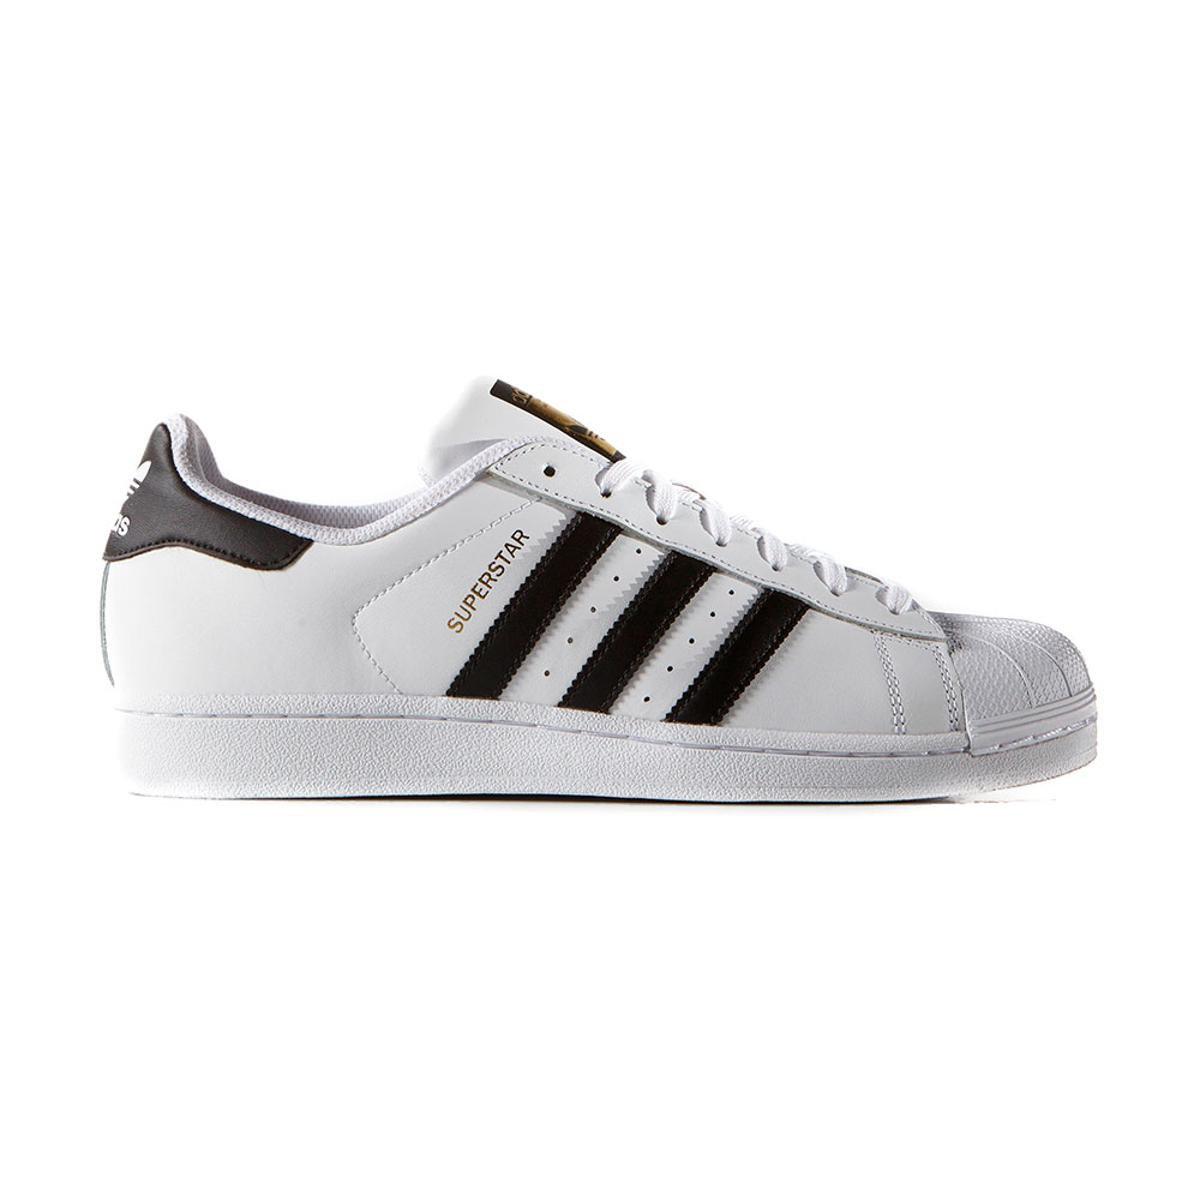 2a2b51a3b Tênis Adidas Superstar Foundation - Compre Agora | Netshoes